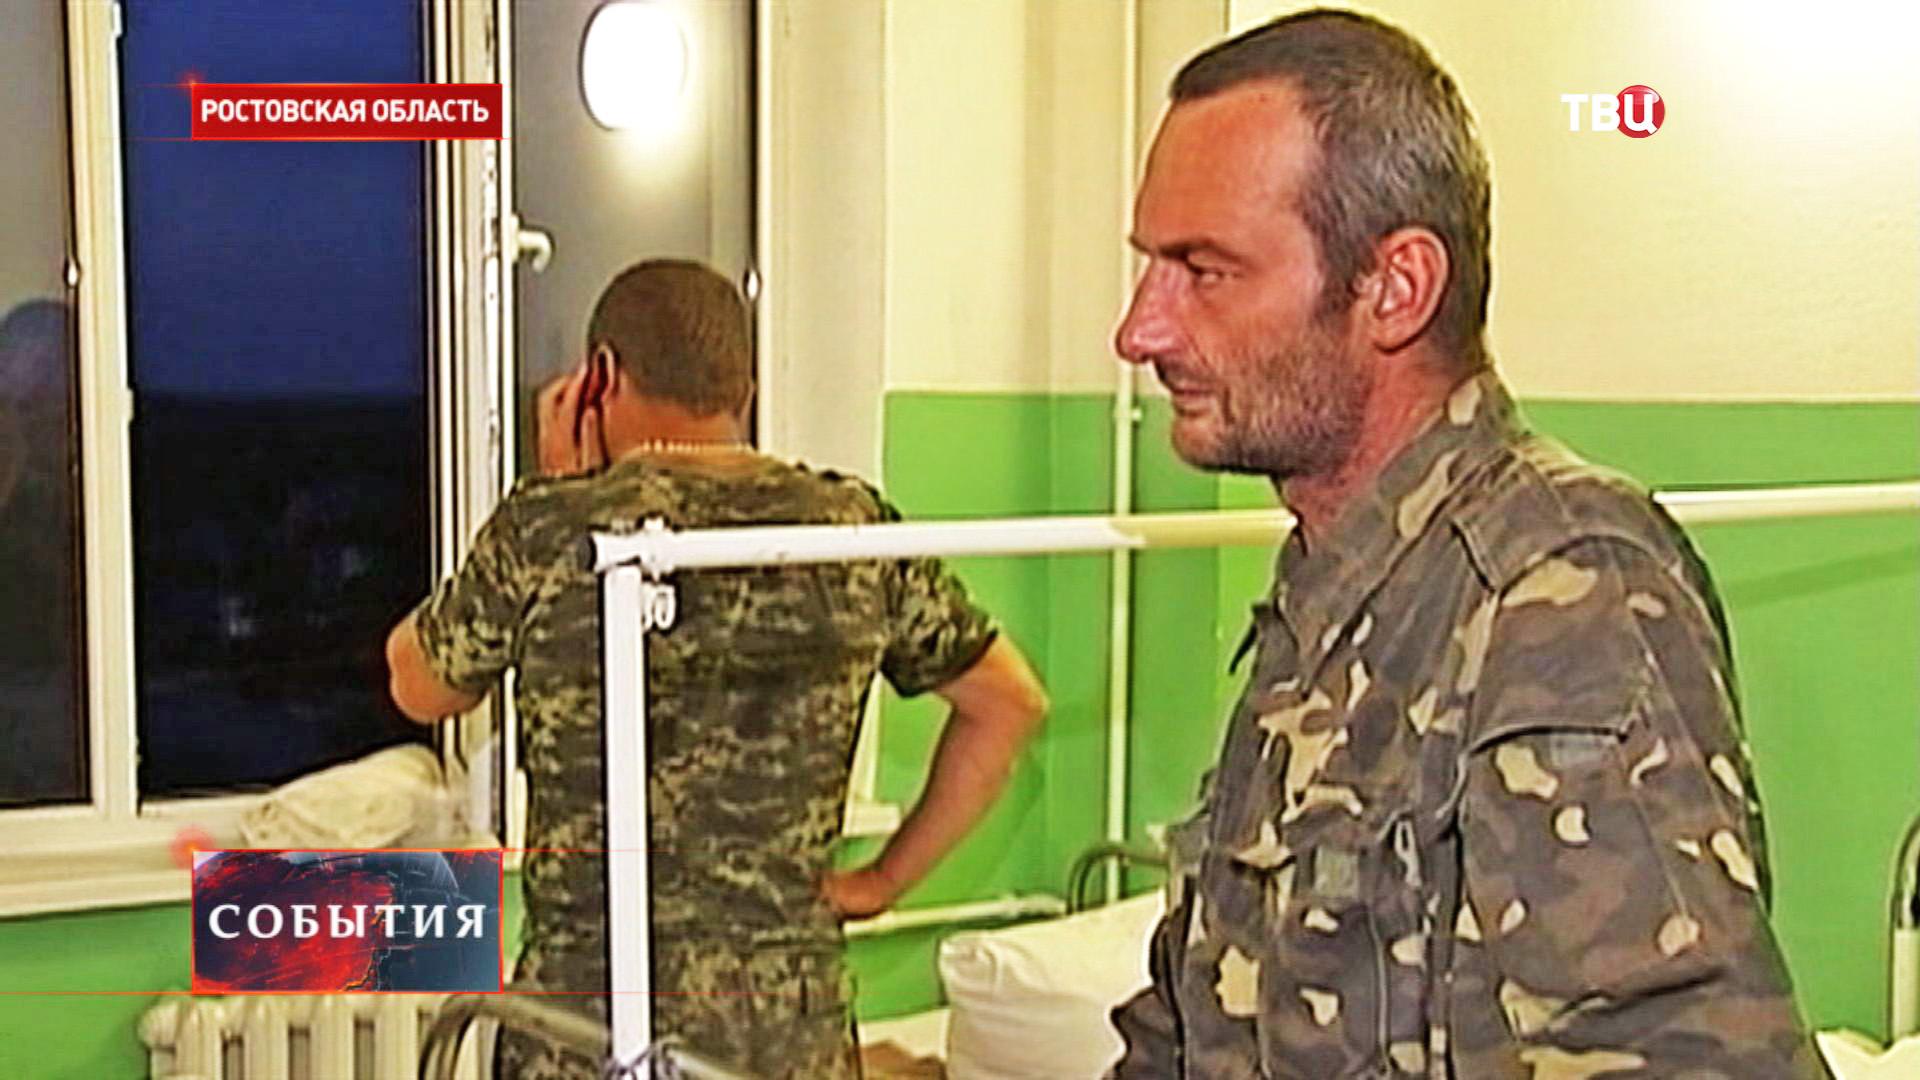 Военнослужащие украинской армии в госпитале в Ростовской области